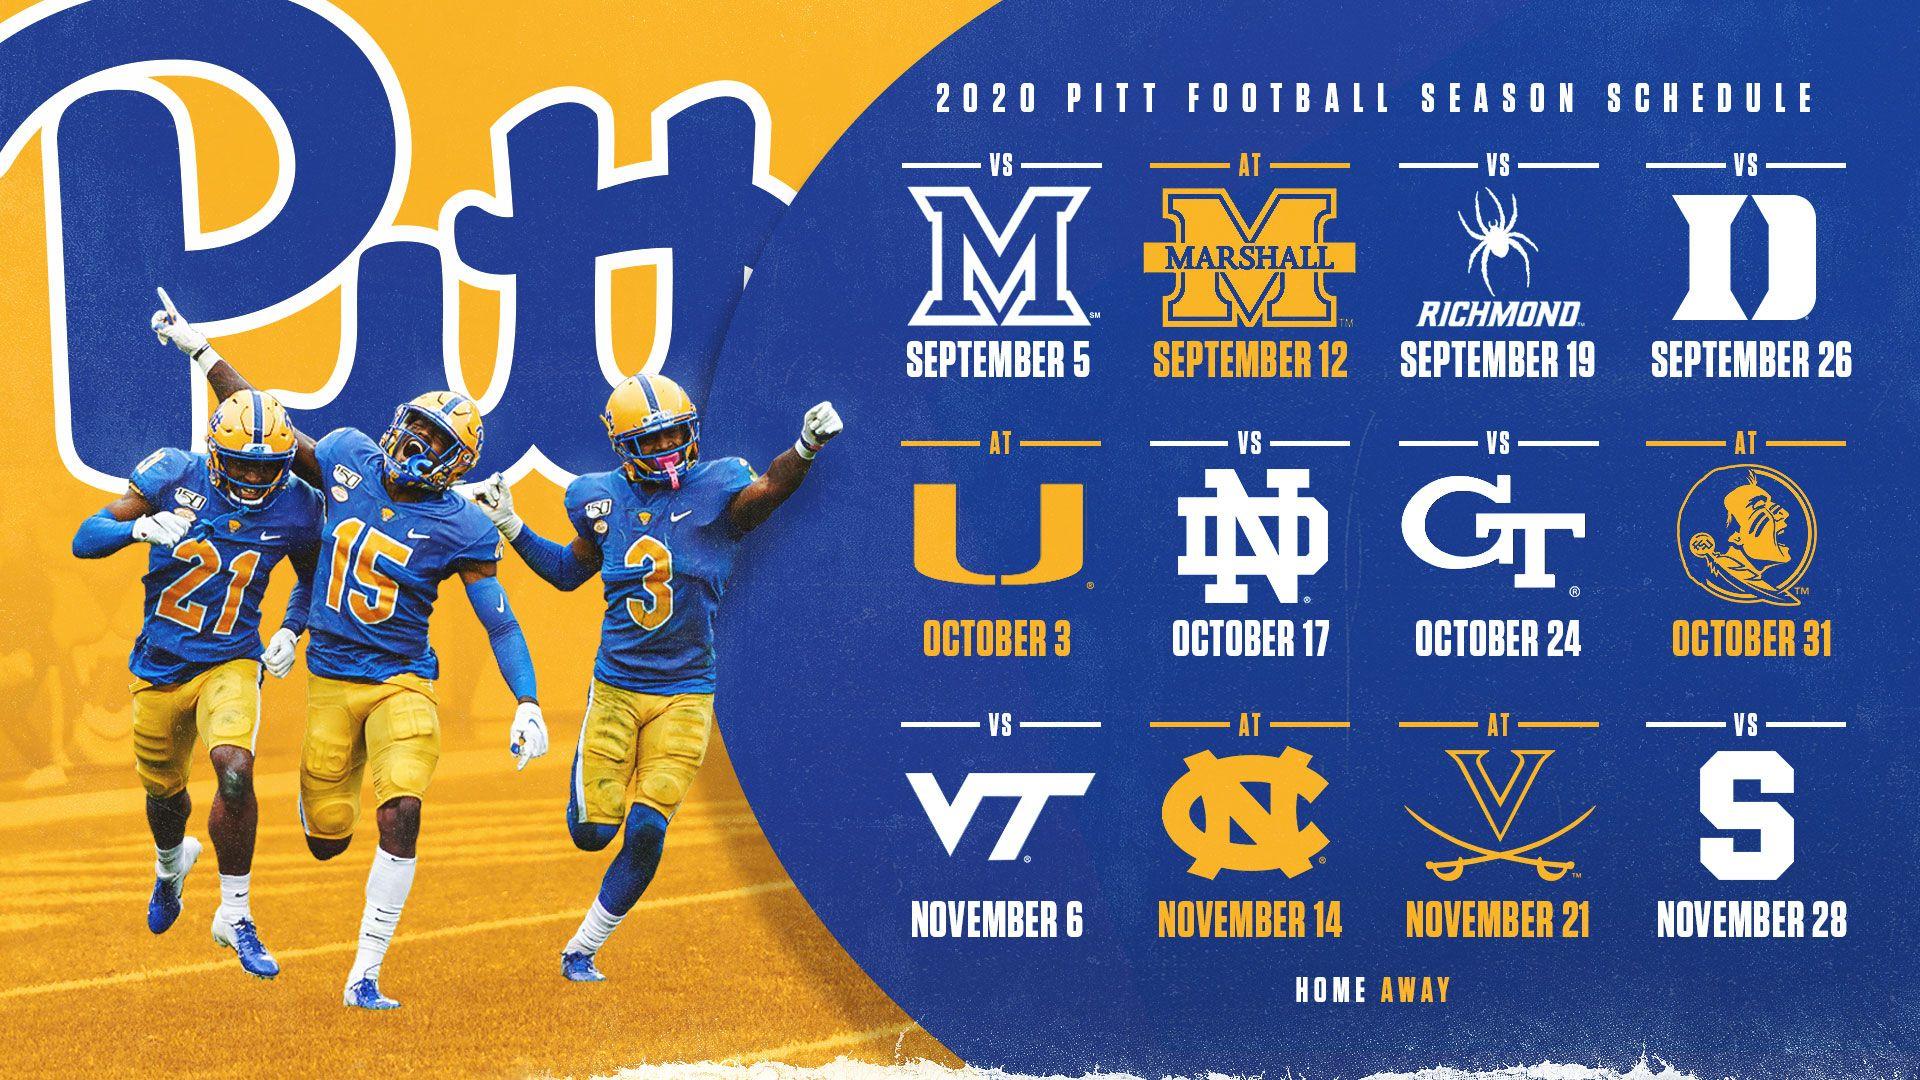 Pitt S 2020 Football Schedule Announced Pitt Panthers H2p In 2020 Pitt Football Sports Design Sports Design Ideas